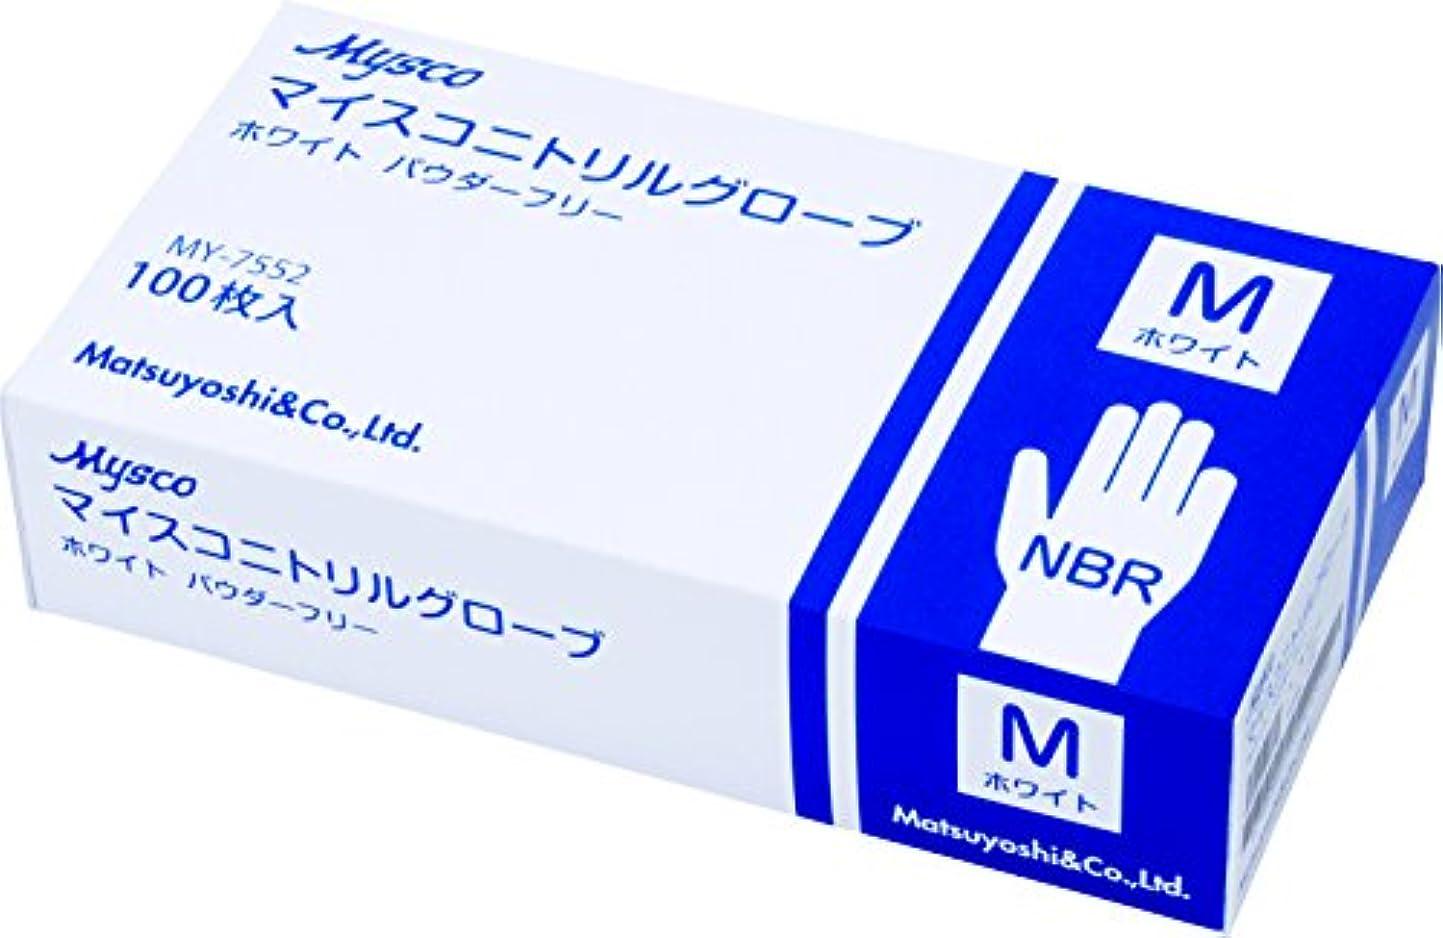 教育学他の場所通り使い捨て手袋 ニトリルグローブ ホワイト 粉なし(サイズ:M)100枚入り 病院採用商品